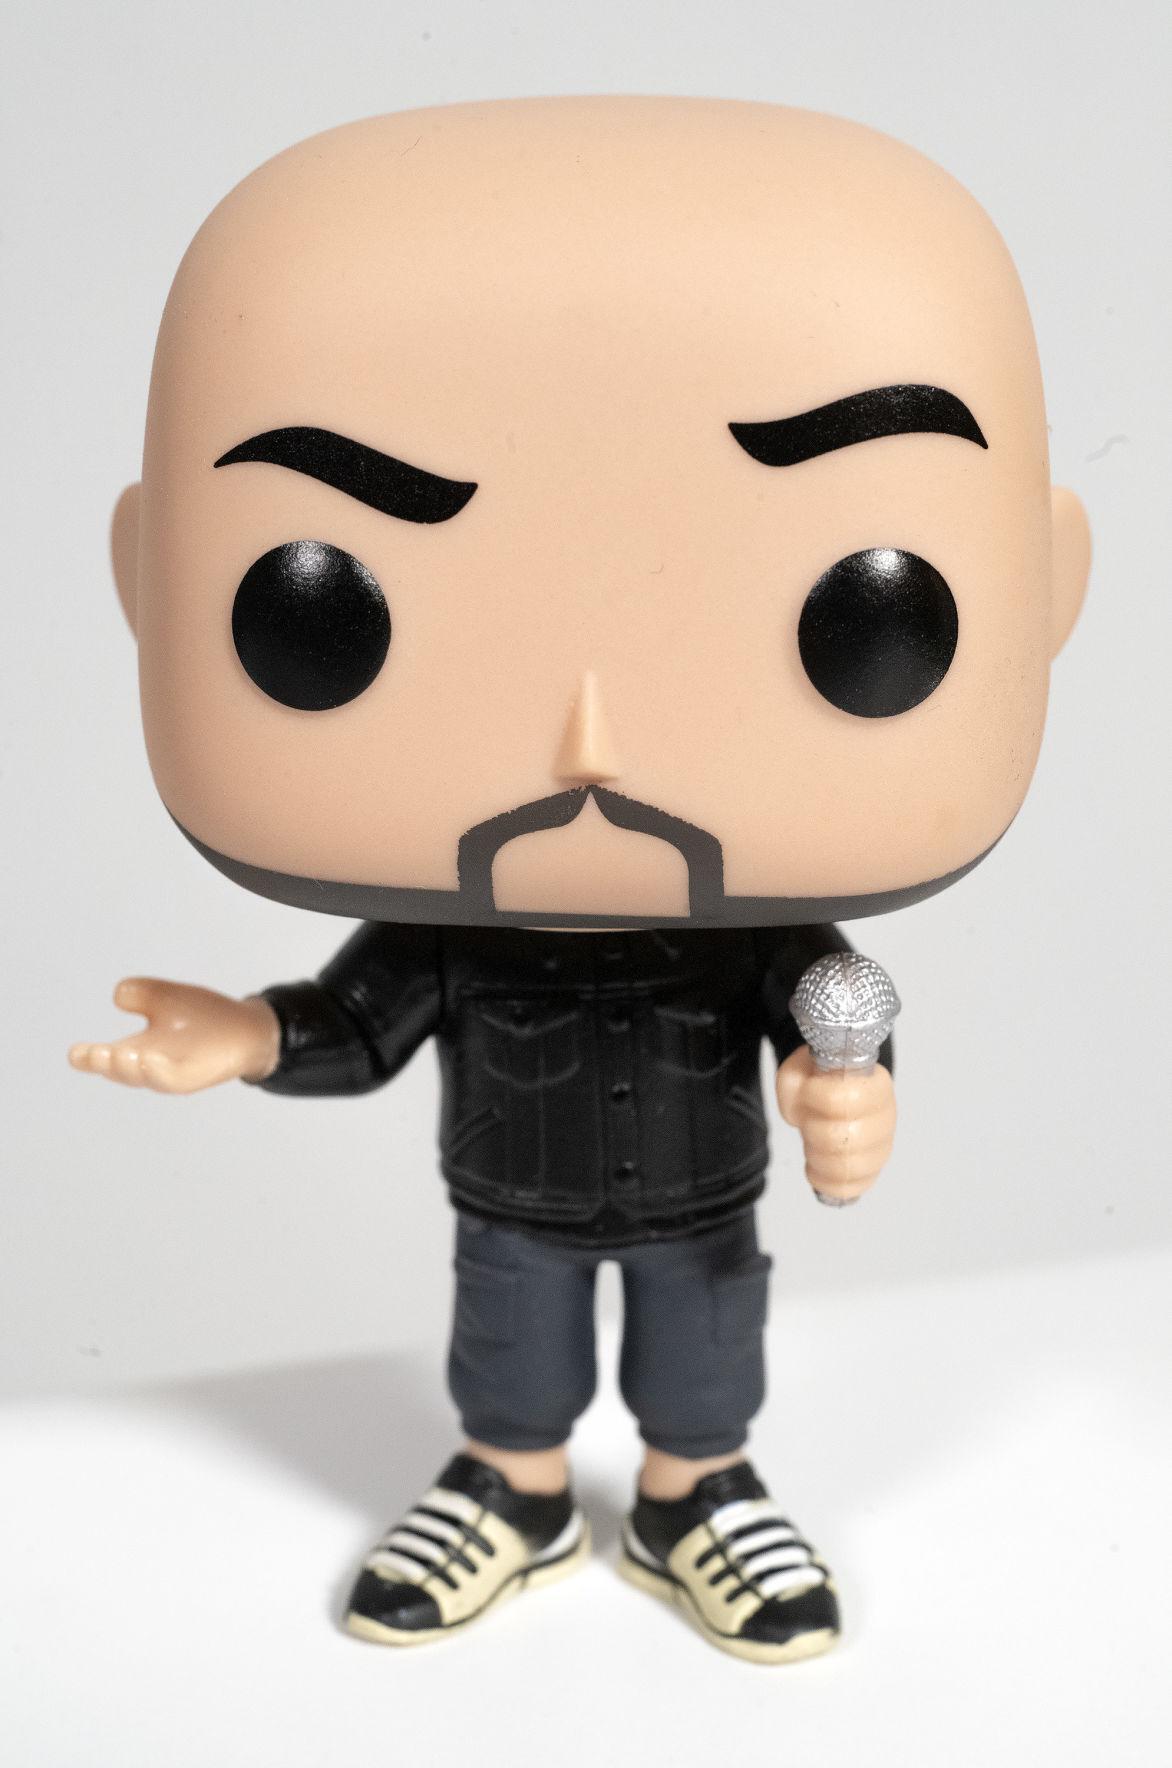 Jo Koy Pop! figurine